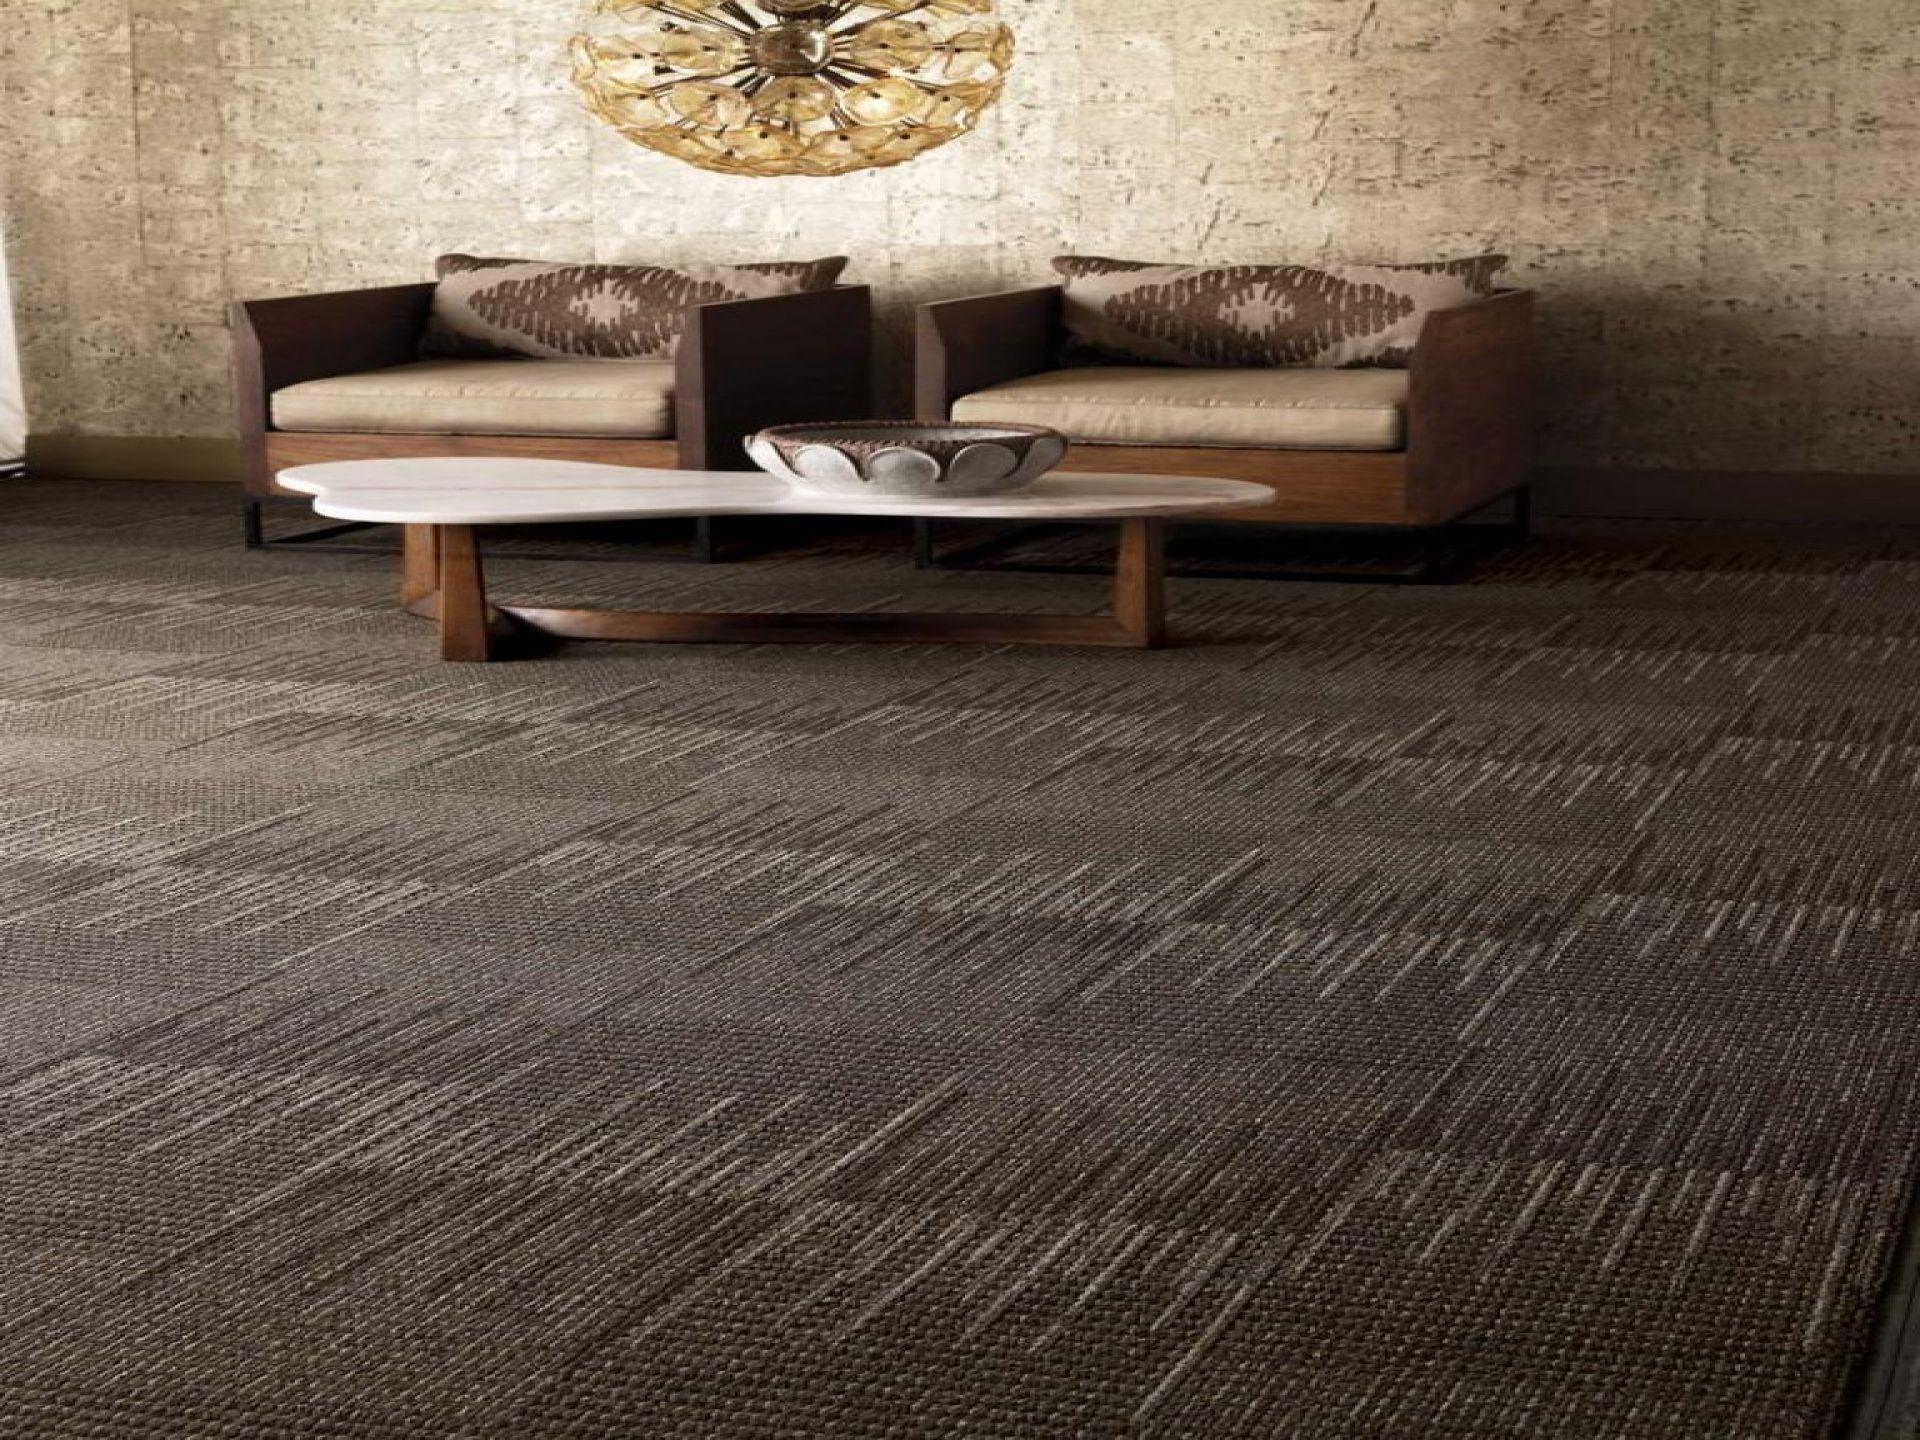 38 Fancy Basement Tile Floor Ideas Sketch Decornish Dot Com Carpet Tiles Design Carpet Tiles Carpet Tiles Basement